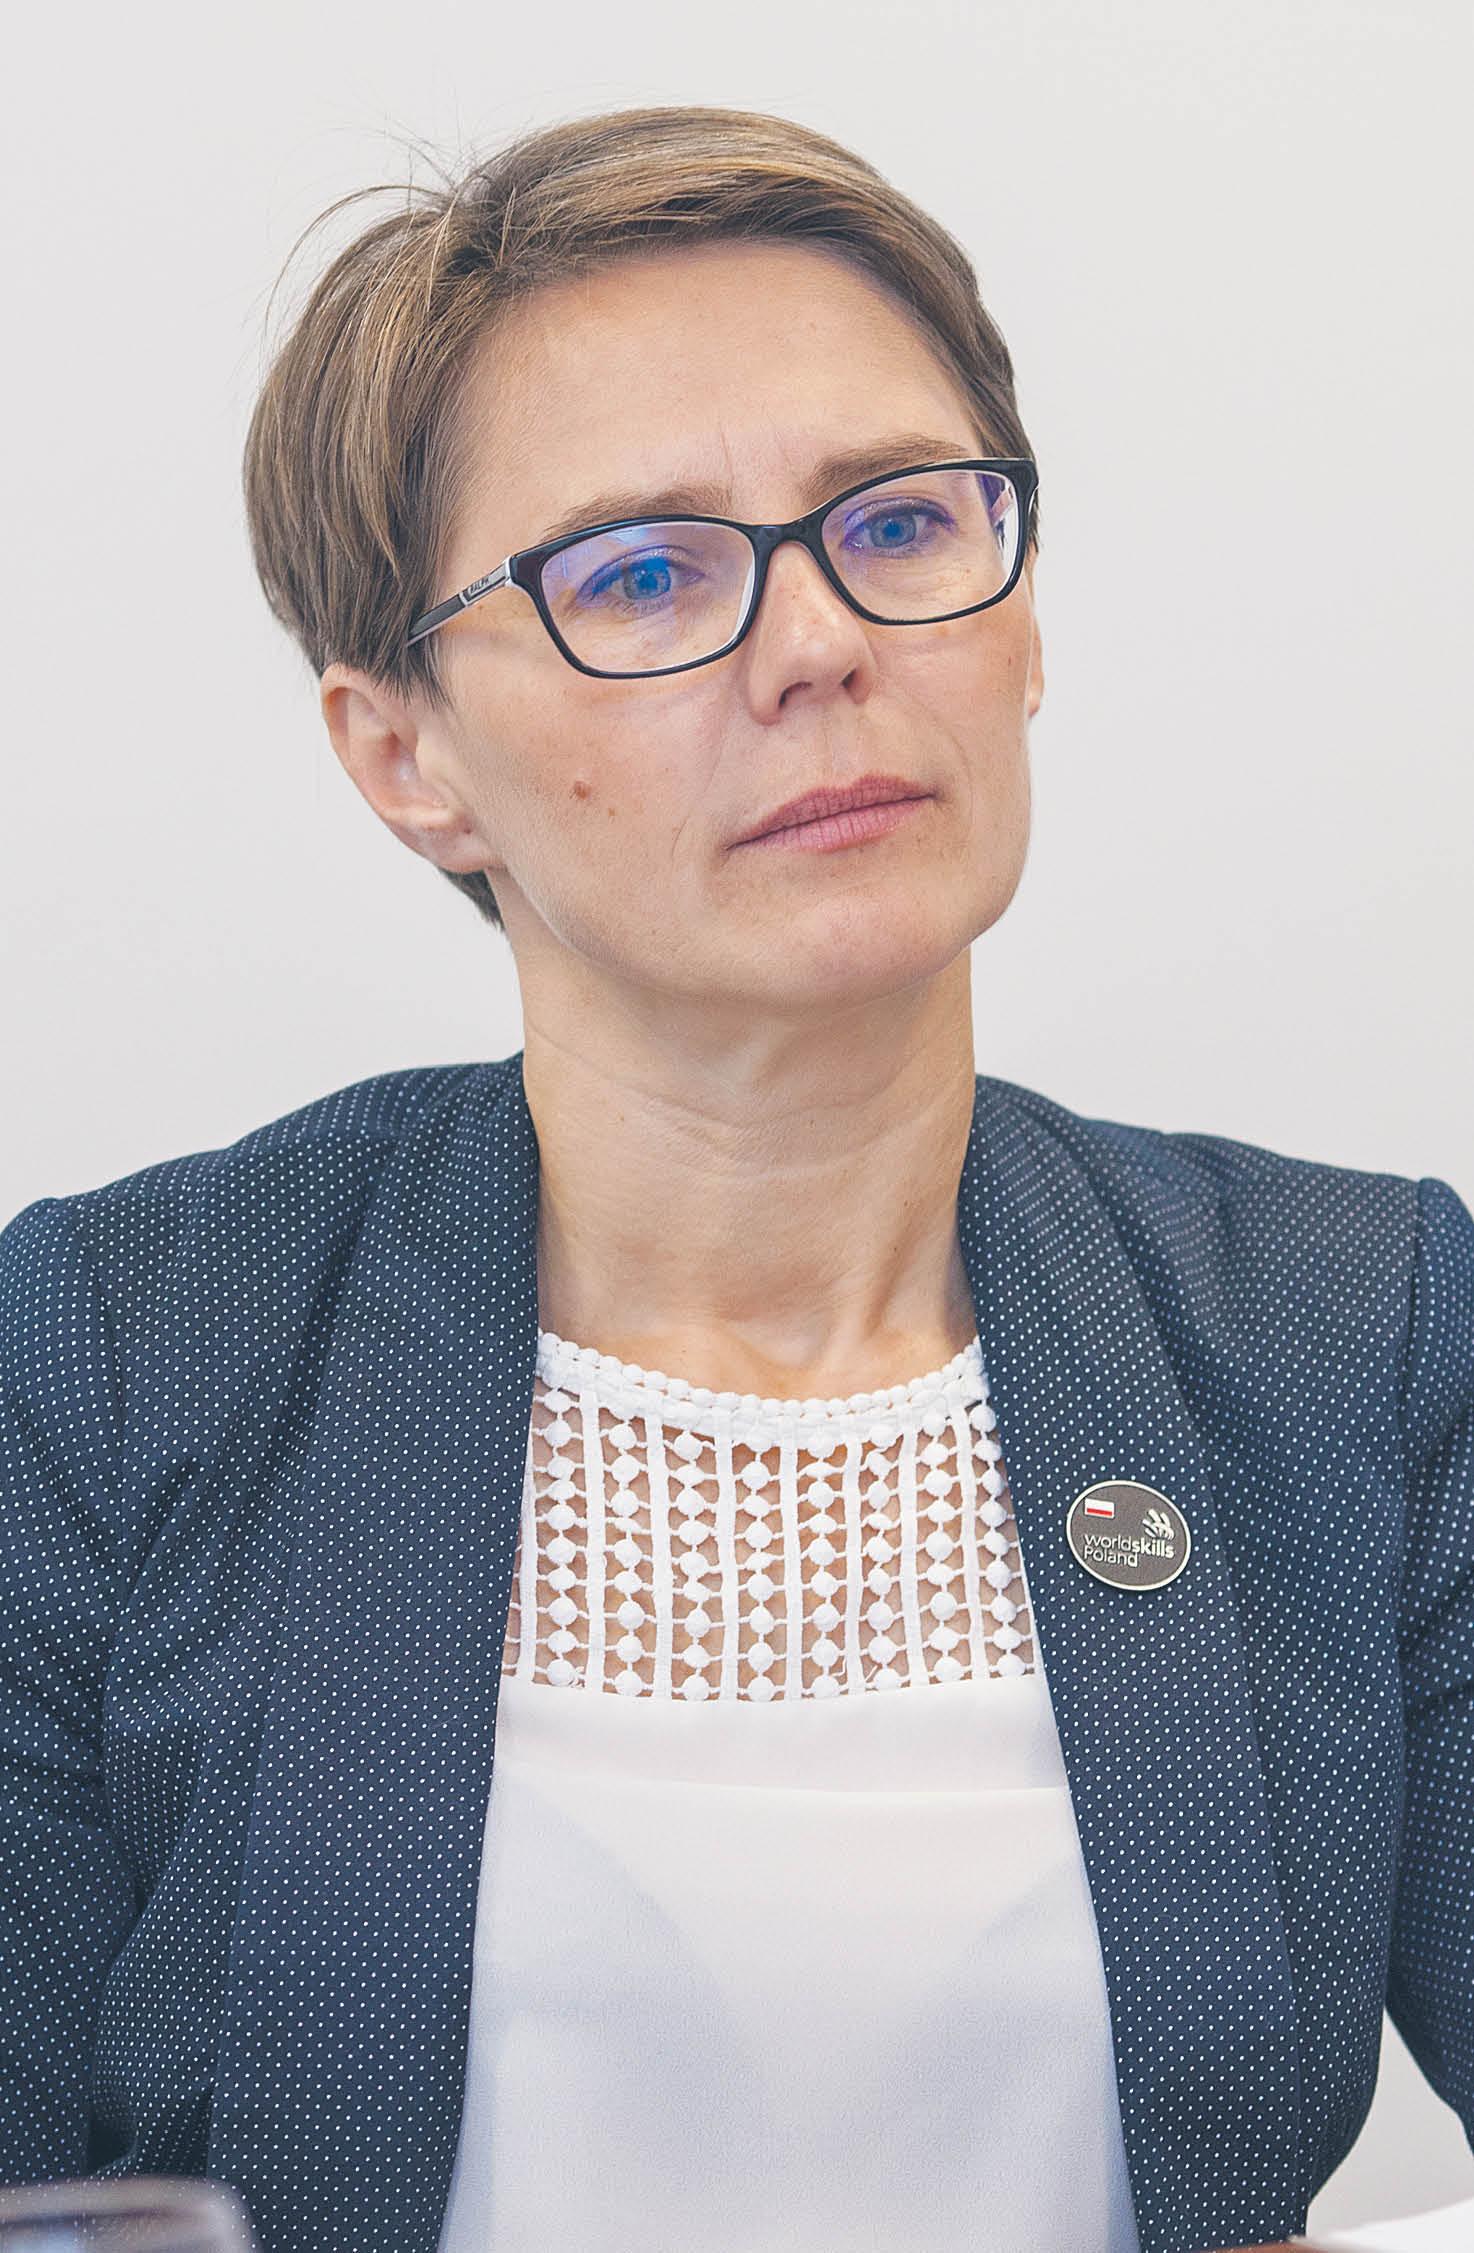 Izabela Laskowska, dyrektor Biura Kształcenia Zawodowego i Edukacji Dorosłych Fundacji Rozwoju Systemu Edukacji